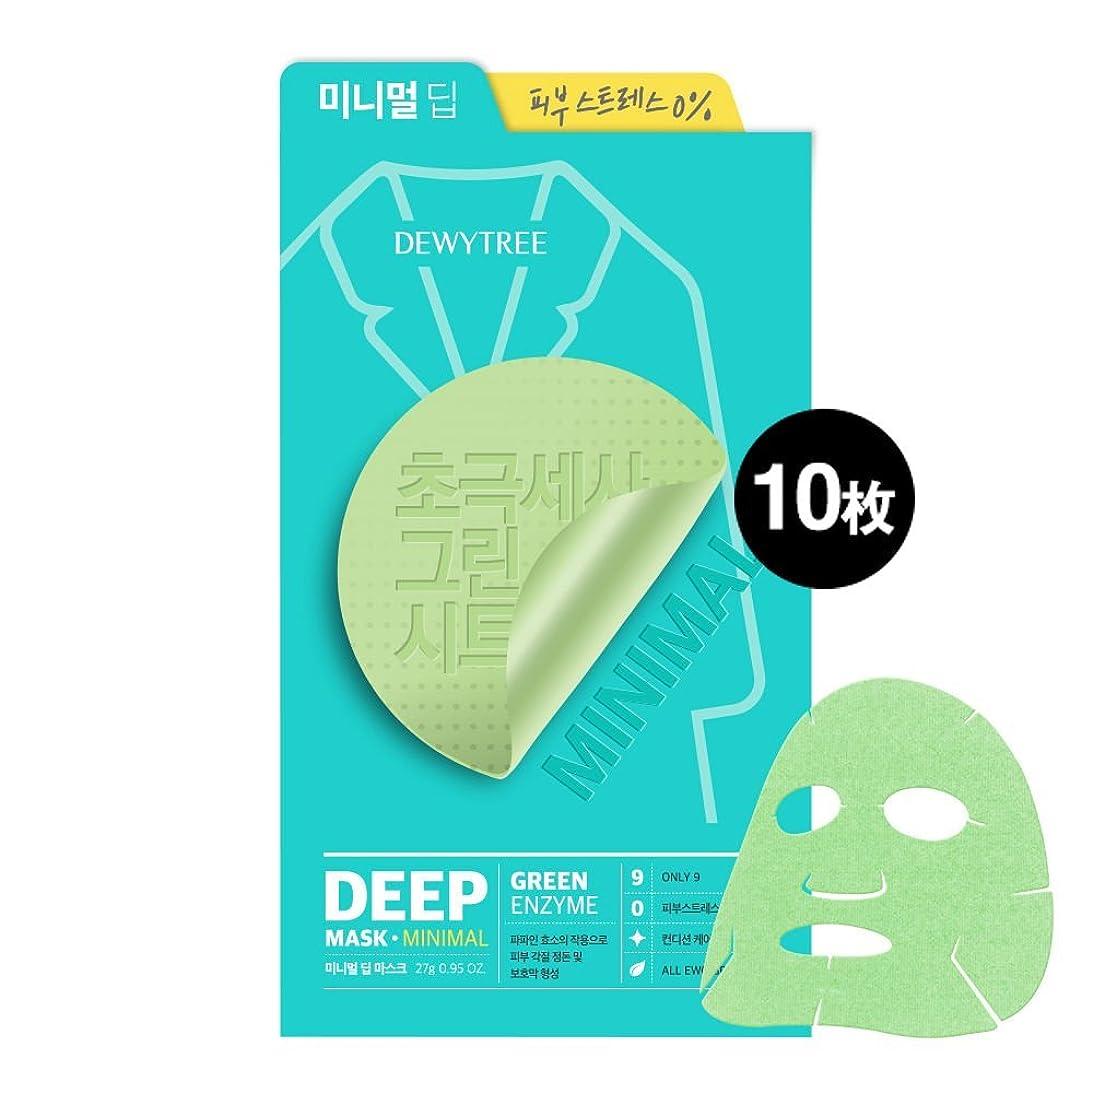 無効にする多分そこ(デューイトゥリー) DEWYTREE ミニマルディープマスク 10枚 Minimal Deep Mask 韓国マスクパック (並行輸入品)